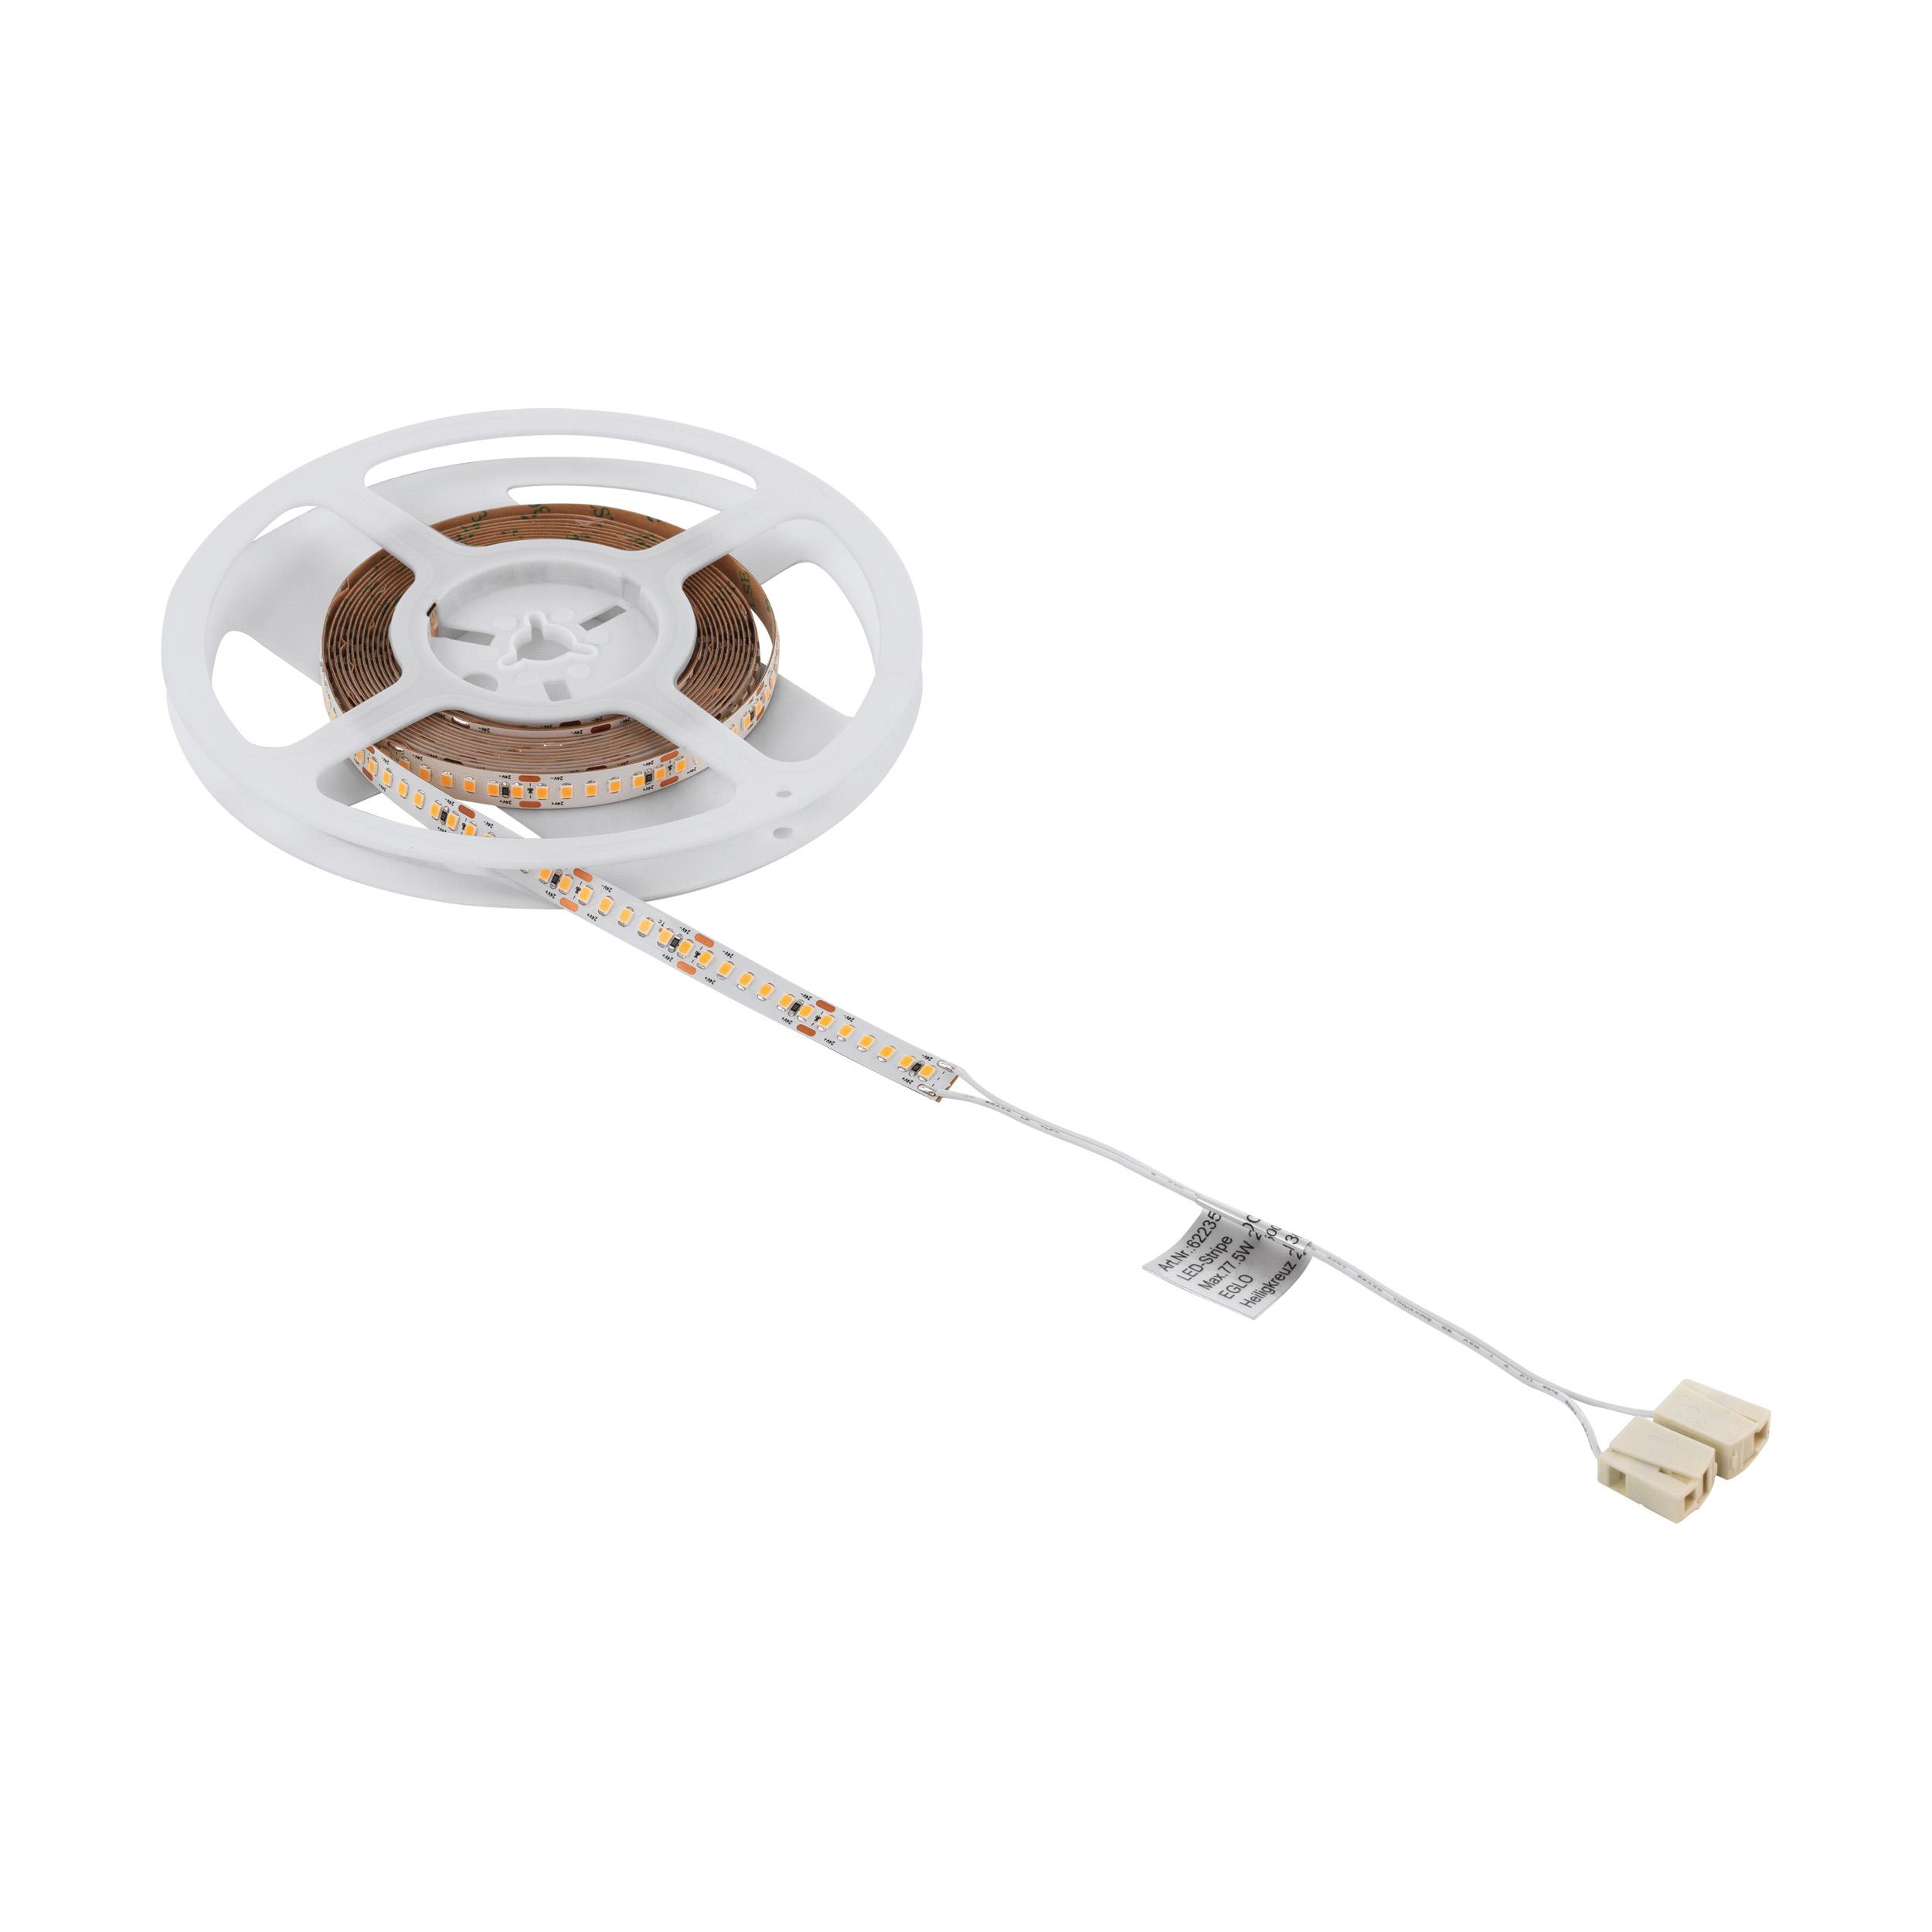 1 Stk LED-STRIPE 20m Rolle, Angabe per Meter 15,5W/mW 4000K IP20 LI63299---